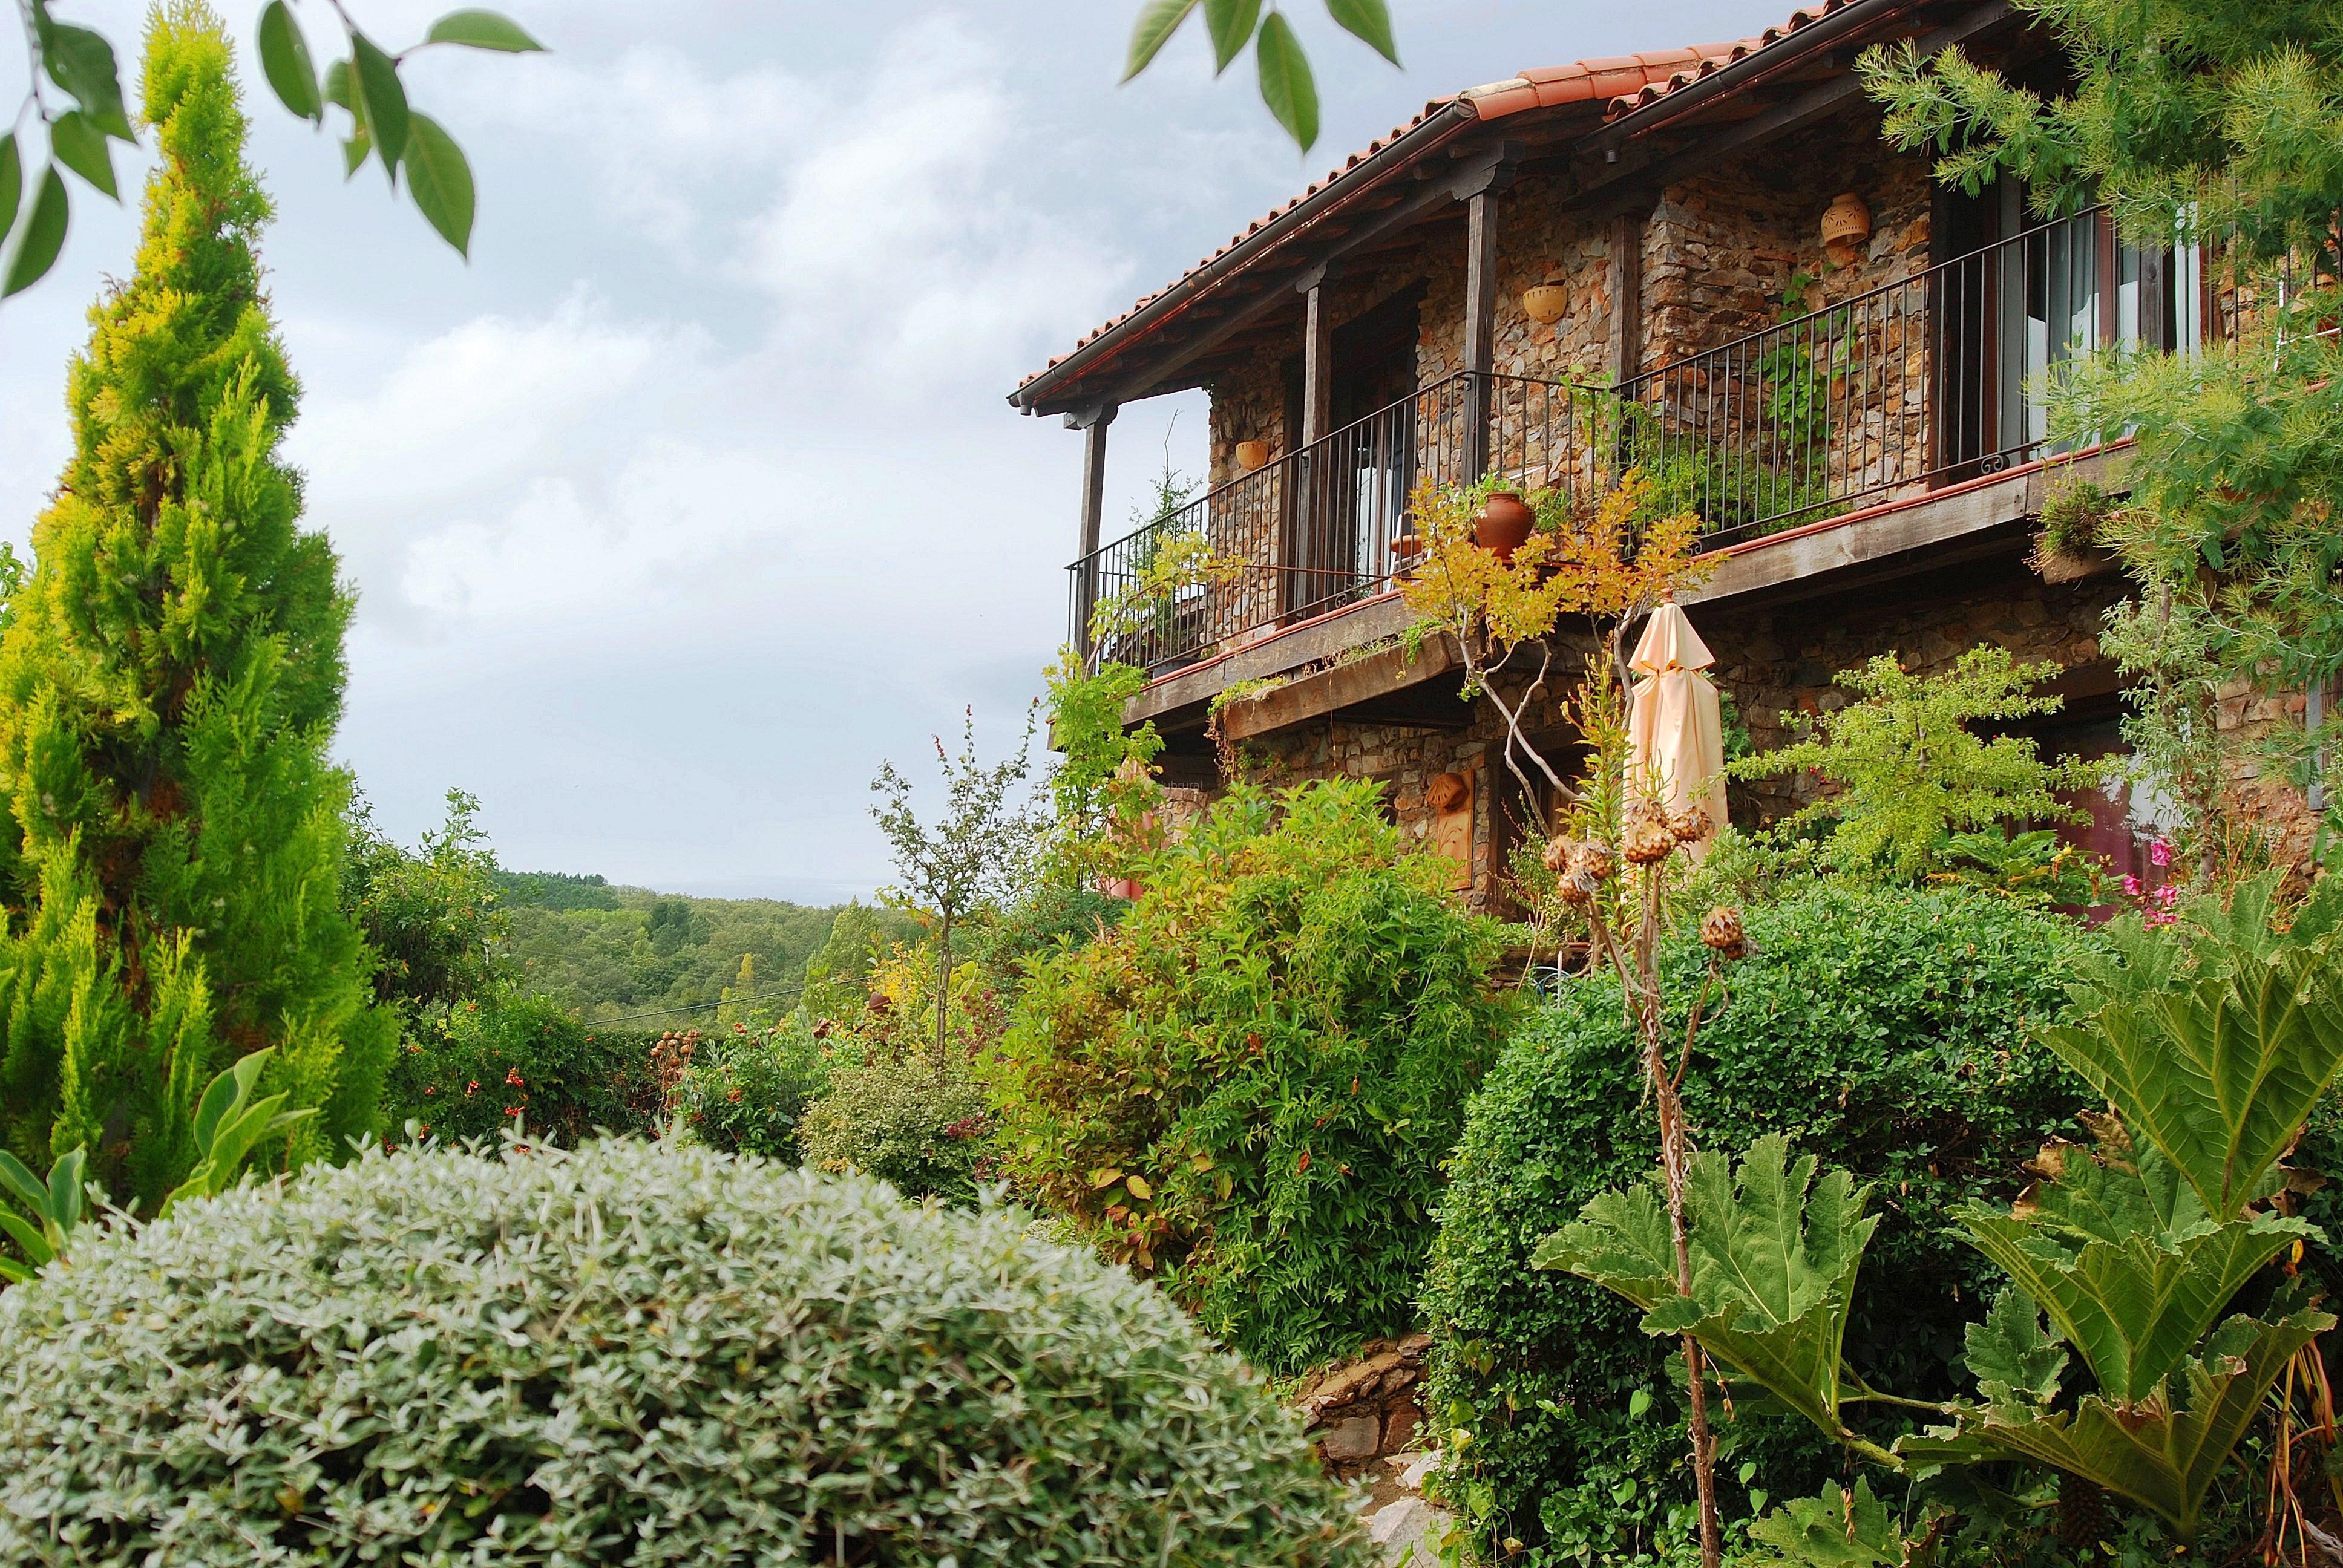 Fotos de jardines del robledo salamanca san miguel del robledo clubrural - Jardines del robledo ...